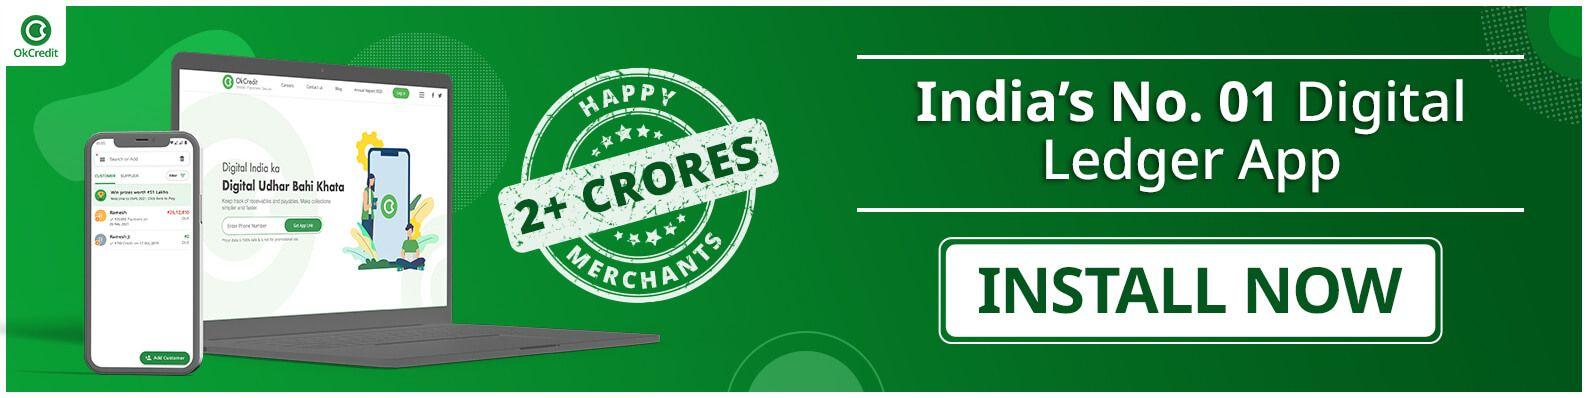 india's no.1 digital ledger app